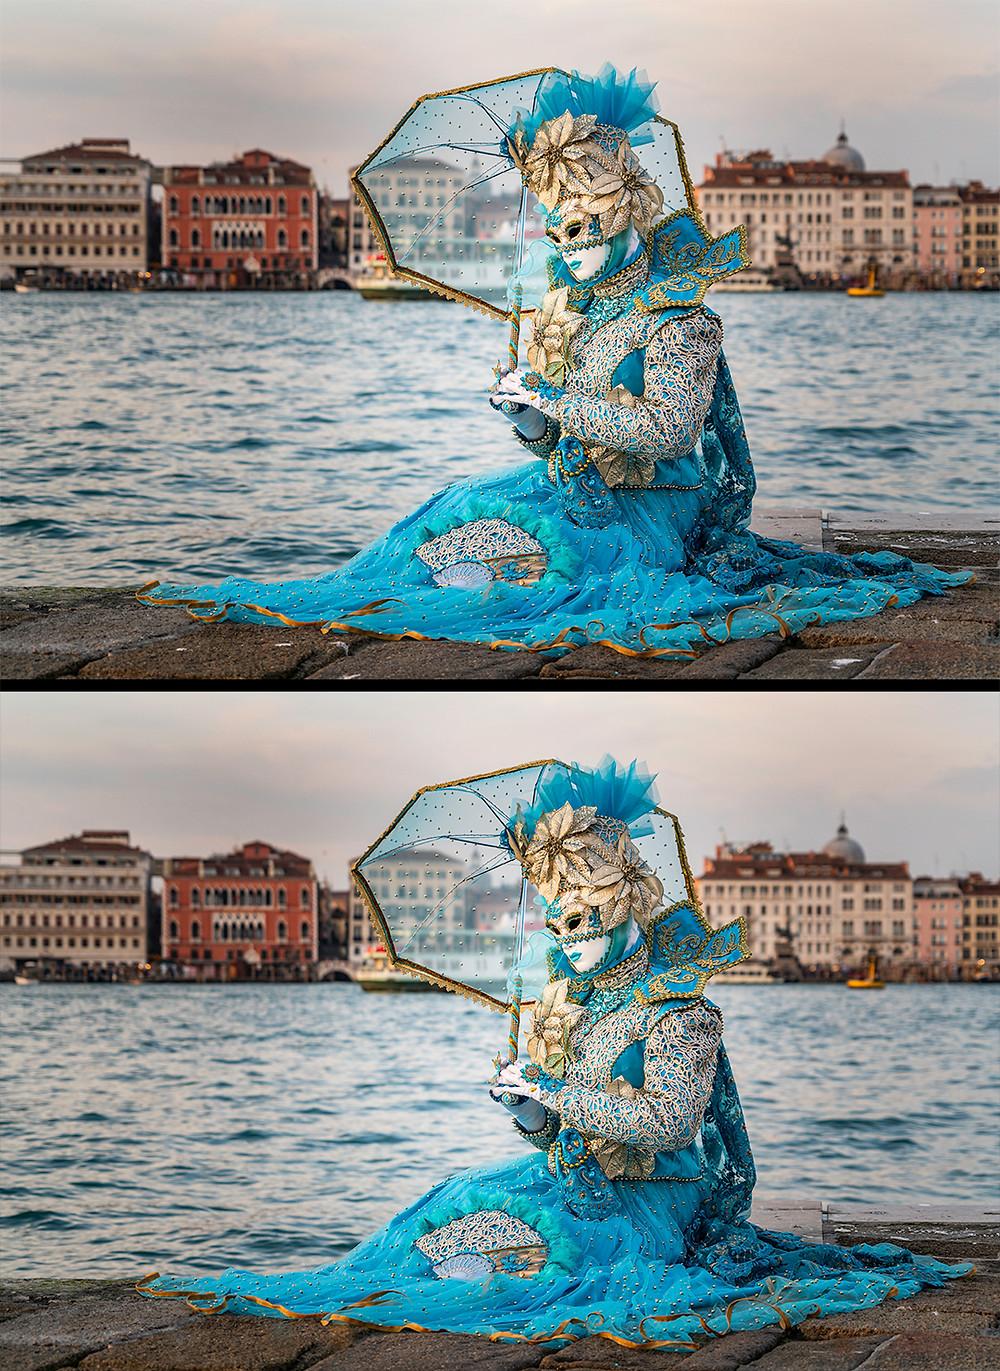 Zwei Ansichten eines Fotos einer Frau mit blauem venezianischen Kostüm in zwei verschiedenen Stadien der Bildbearbeitung